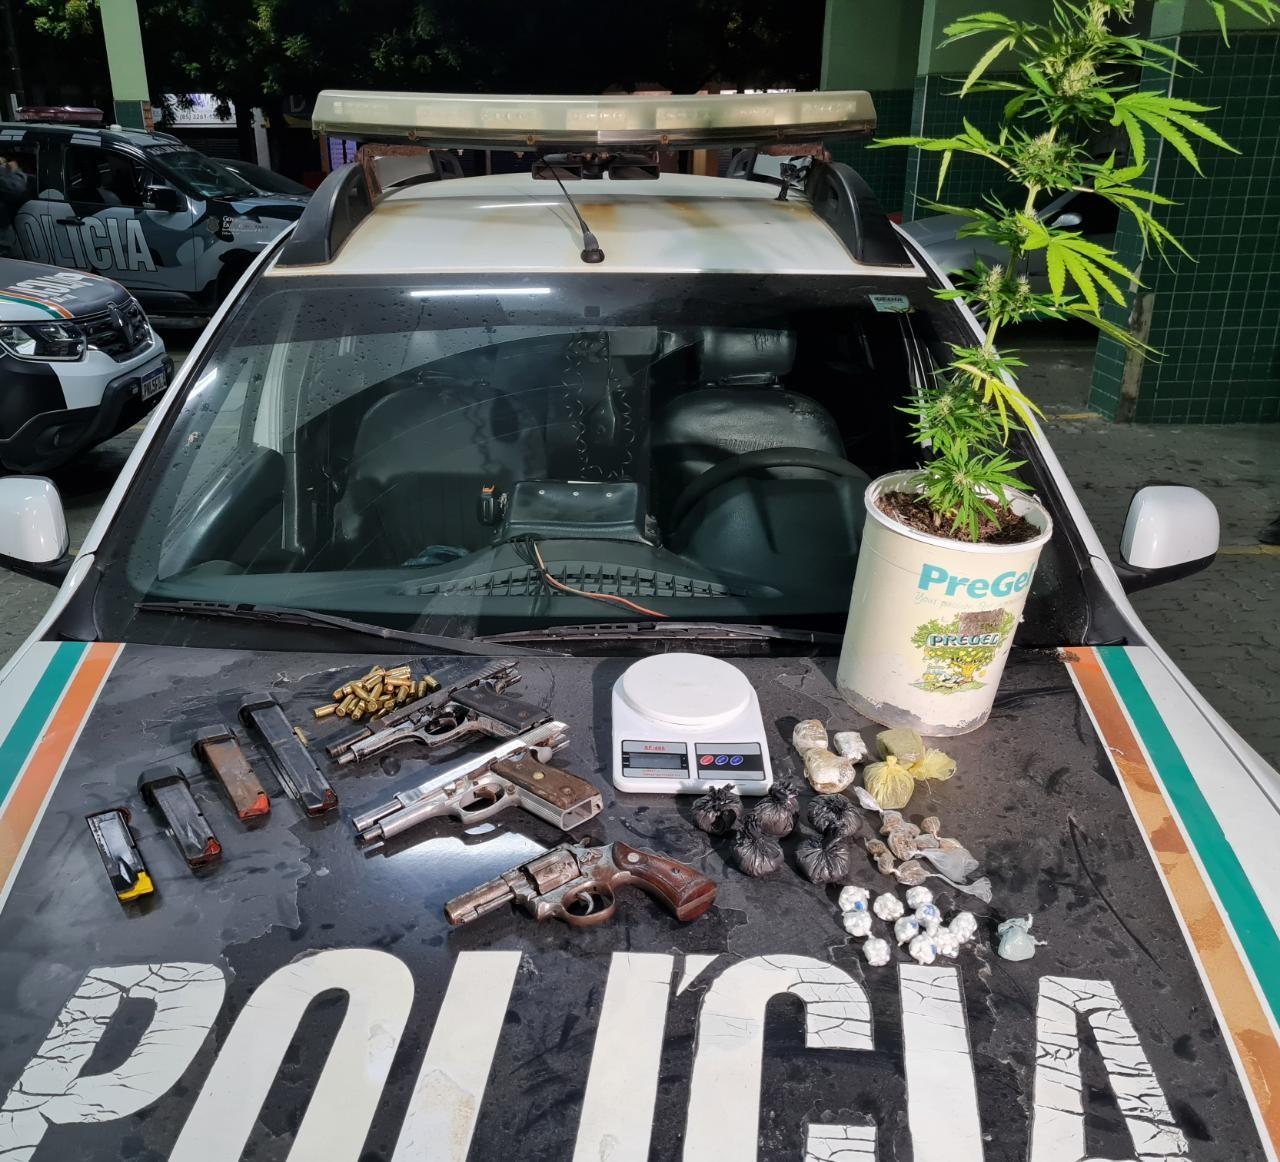 PM apreende planta de maconha, drogas e armas escondidas em terreno abandonado, em Fortaleza